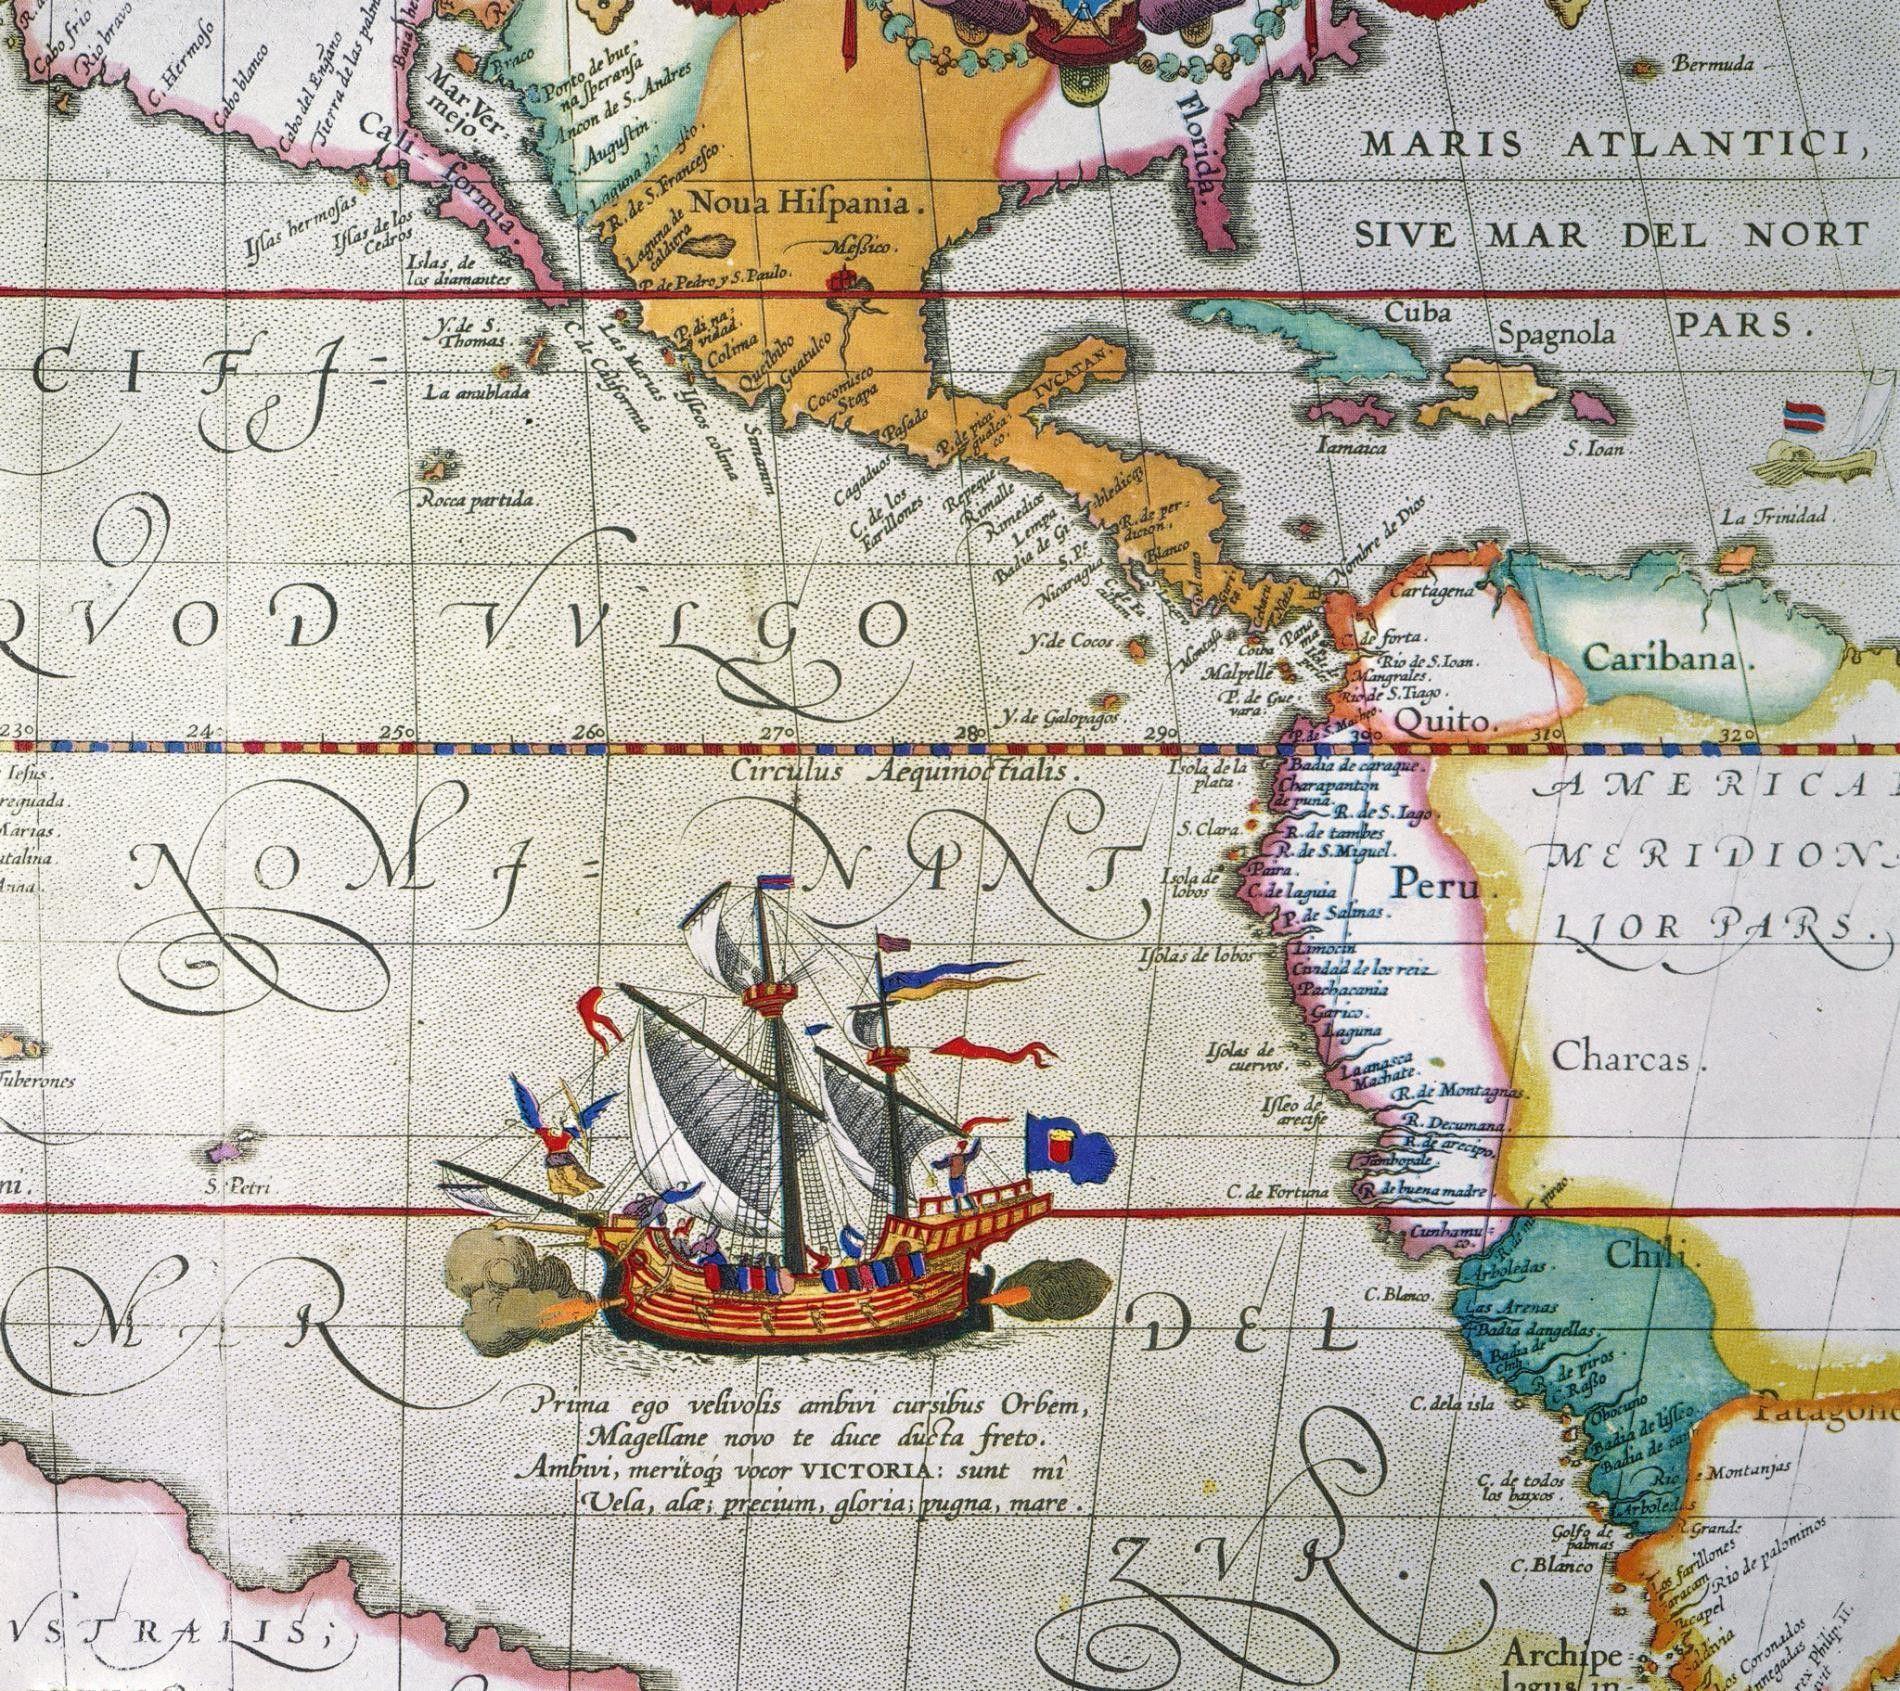 Magalhães Foi o Primeiro a Circum-Navegar o Globo, Certo?